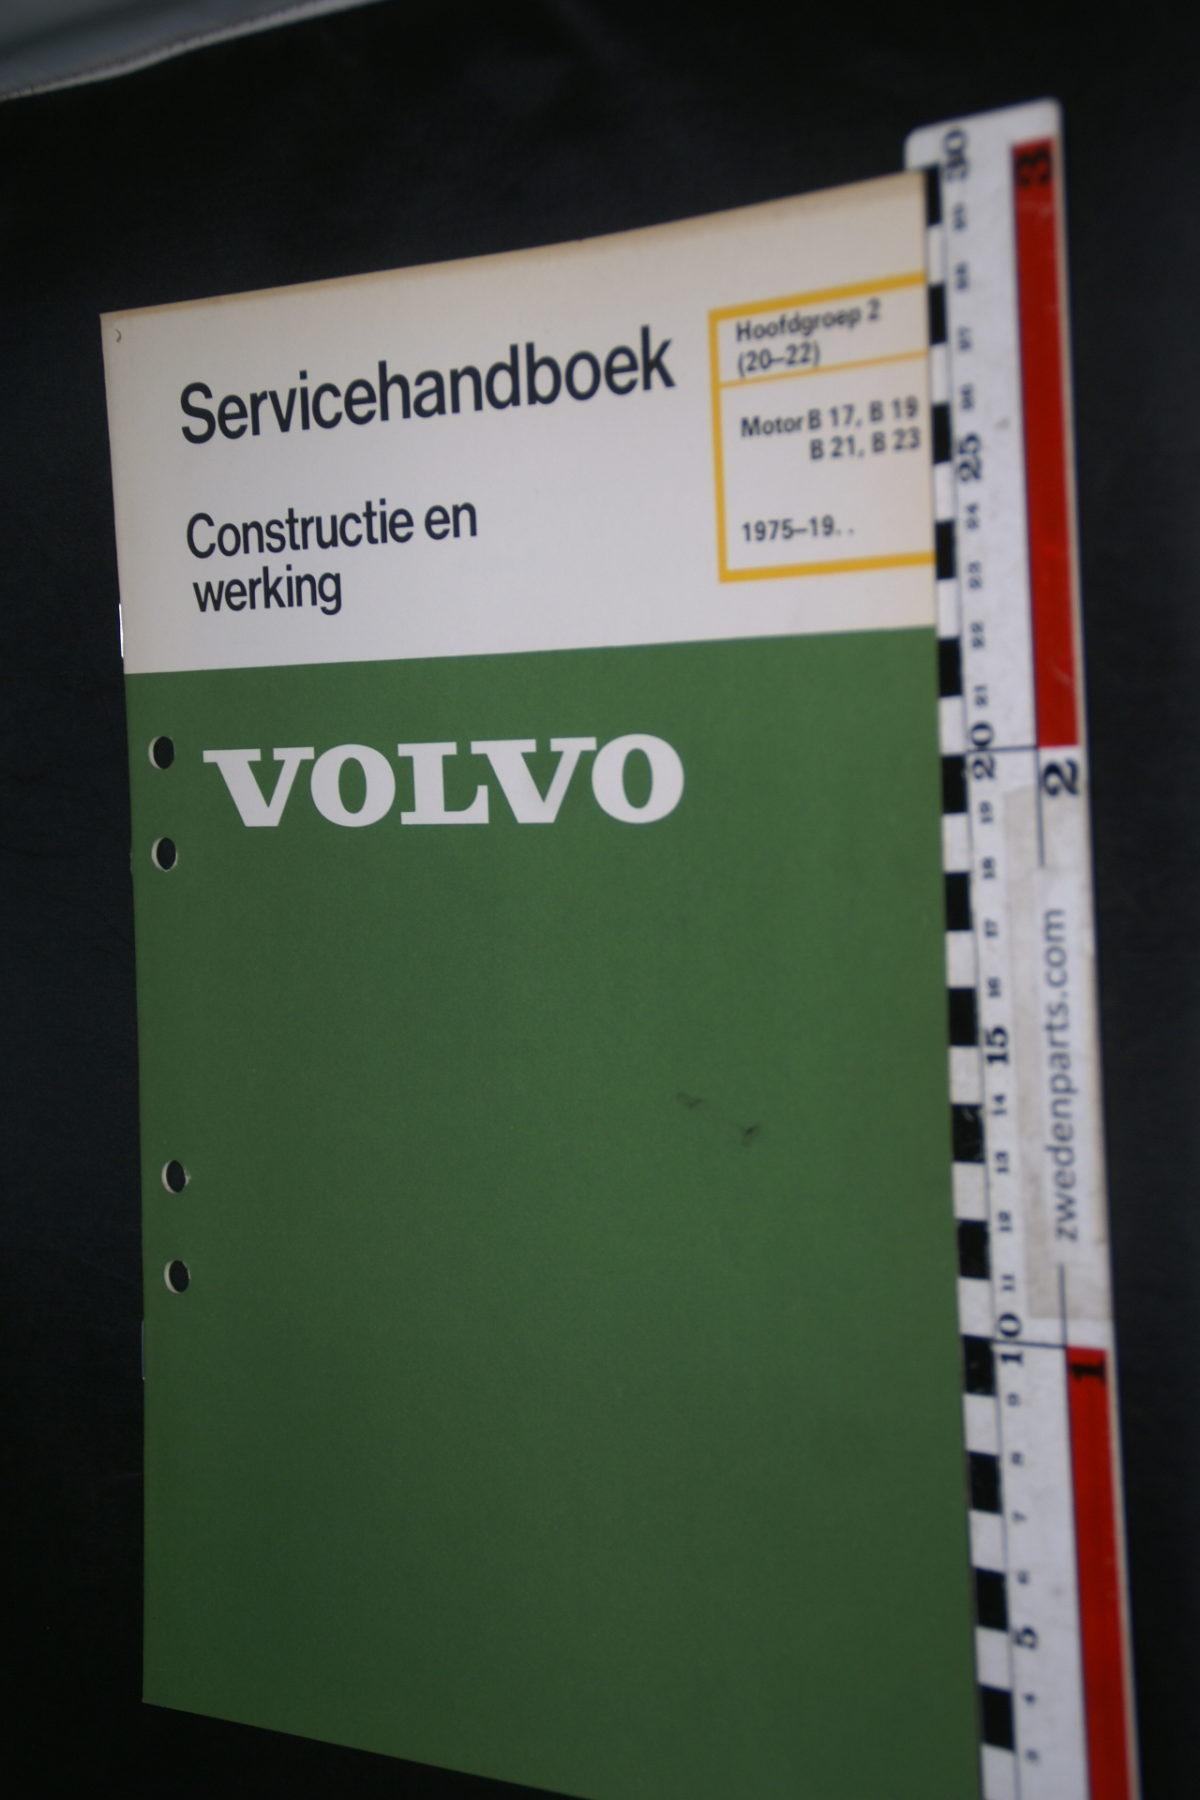 DSC08487 1981 origineel Volvo servicehandboek  2 (20-22) motor B17, B19, B21, B23 1 van 800 TP 30293-1